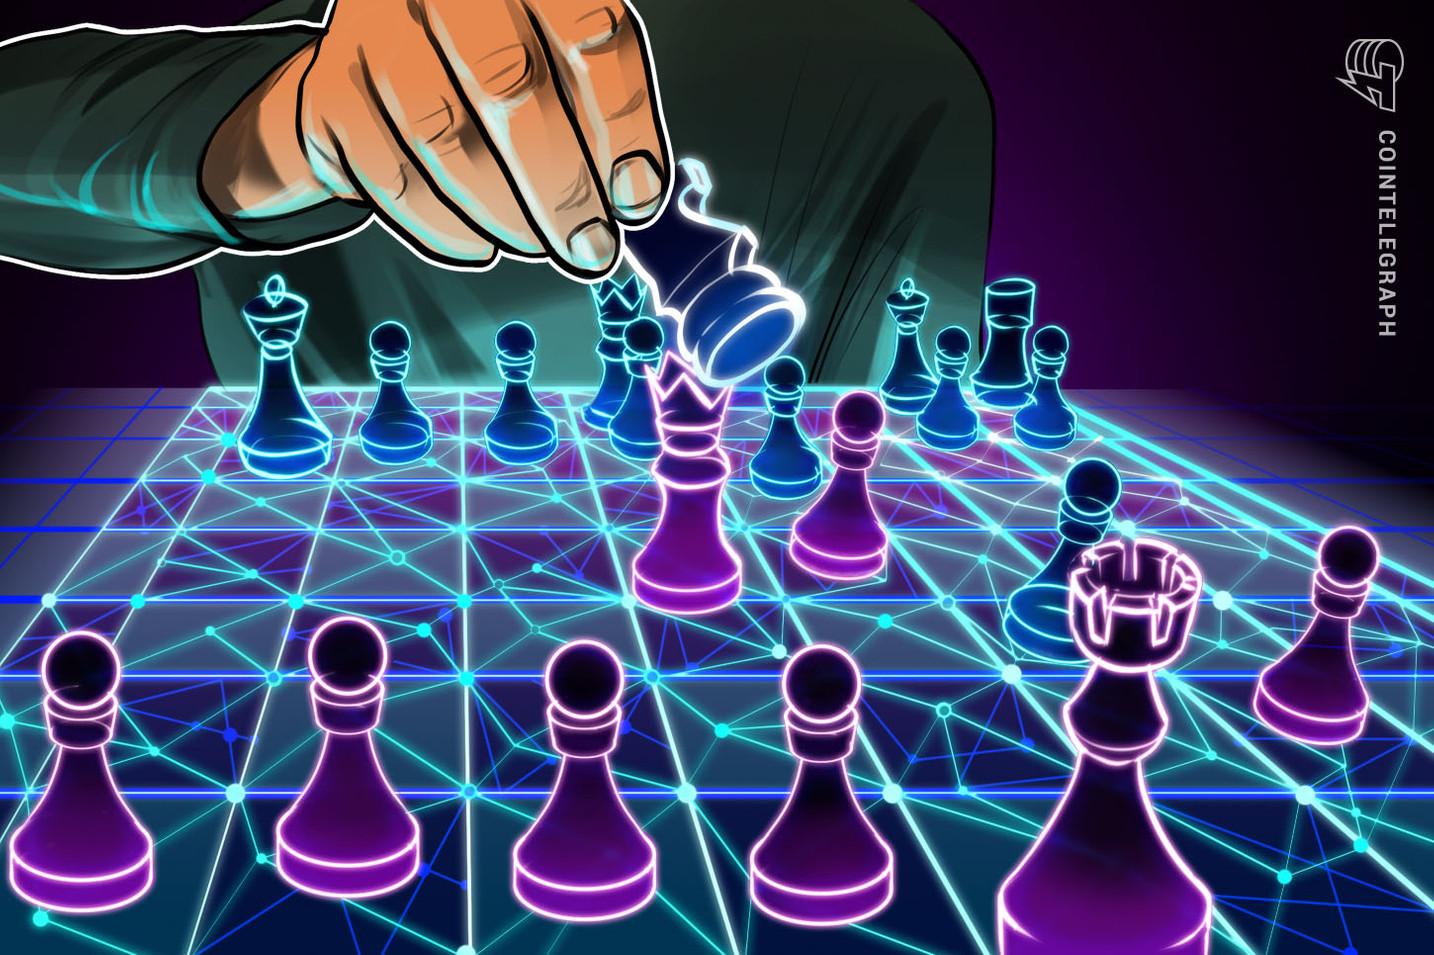 Empresa de análise blockchain Chainalysis define política de dados de usuário em meio a polêmicas da Coinbase